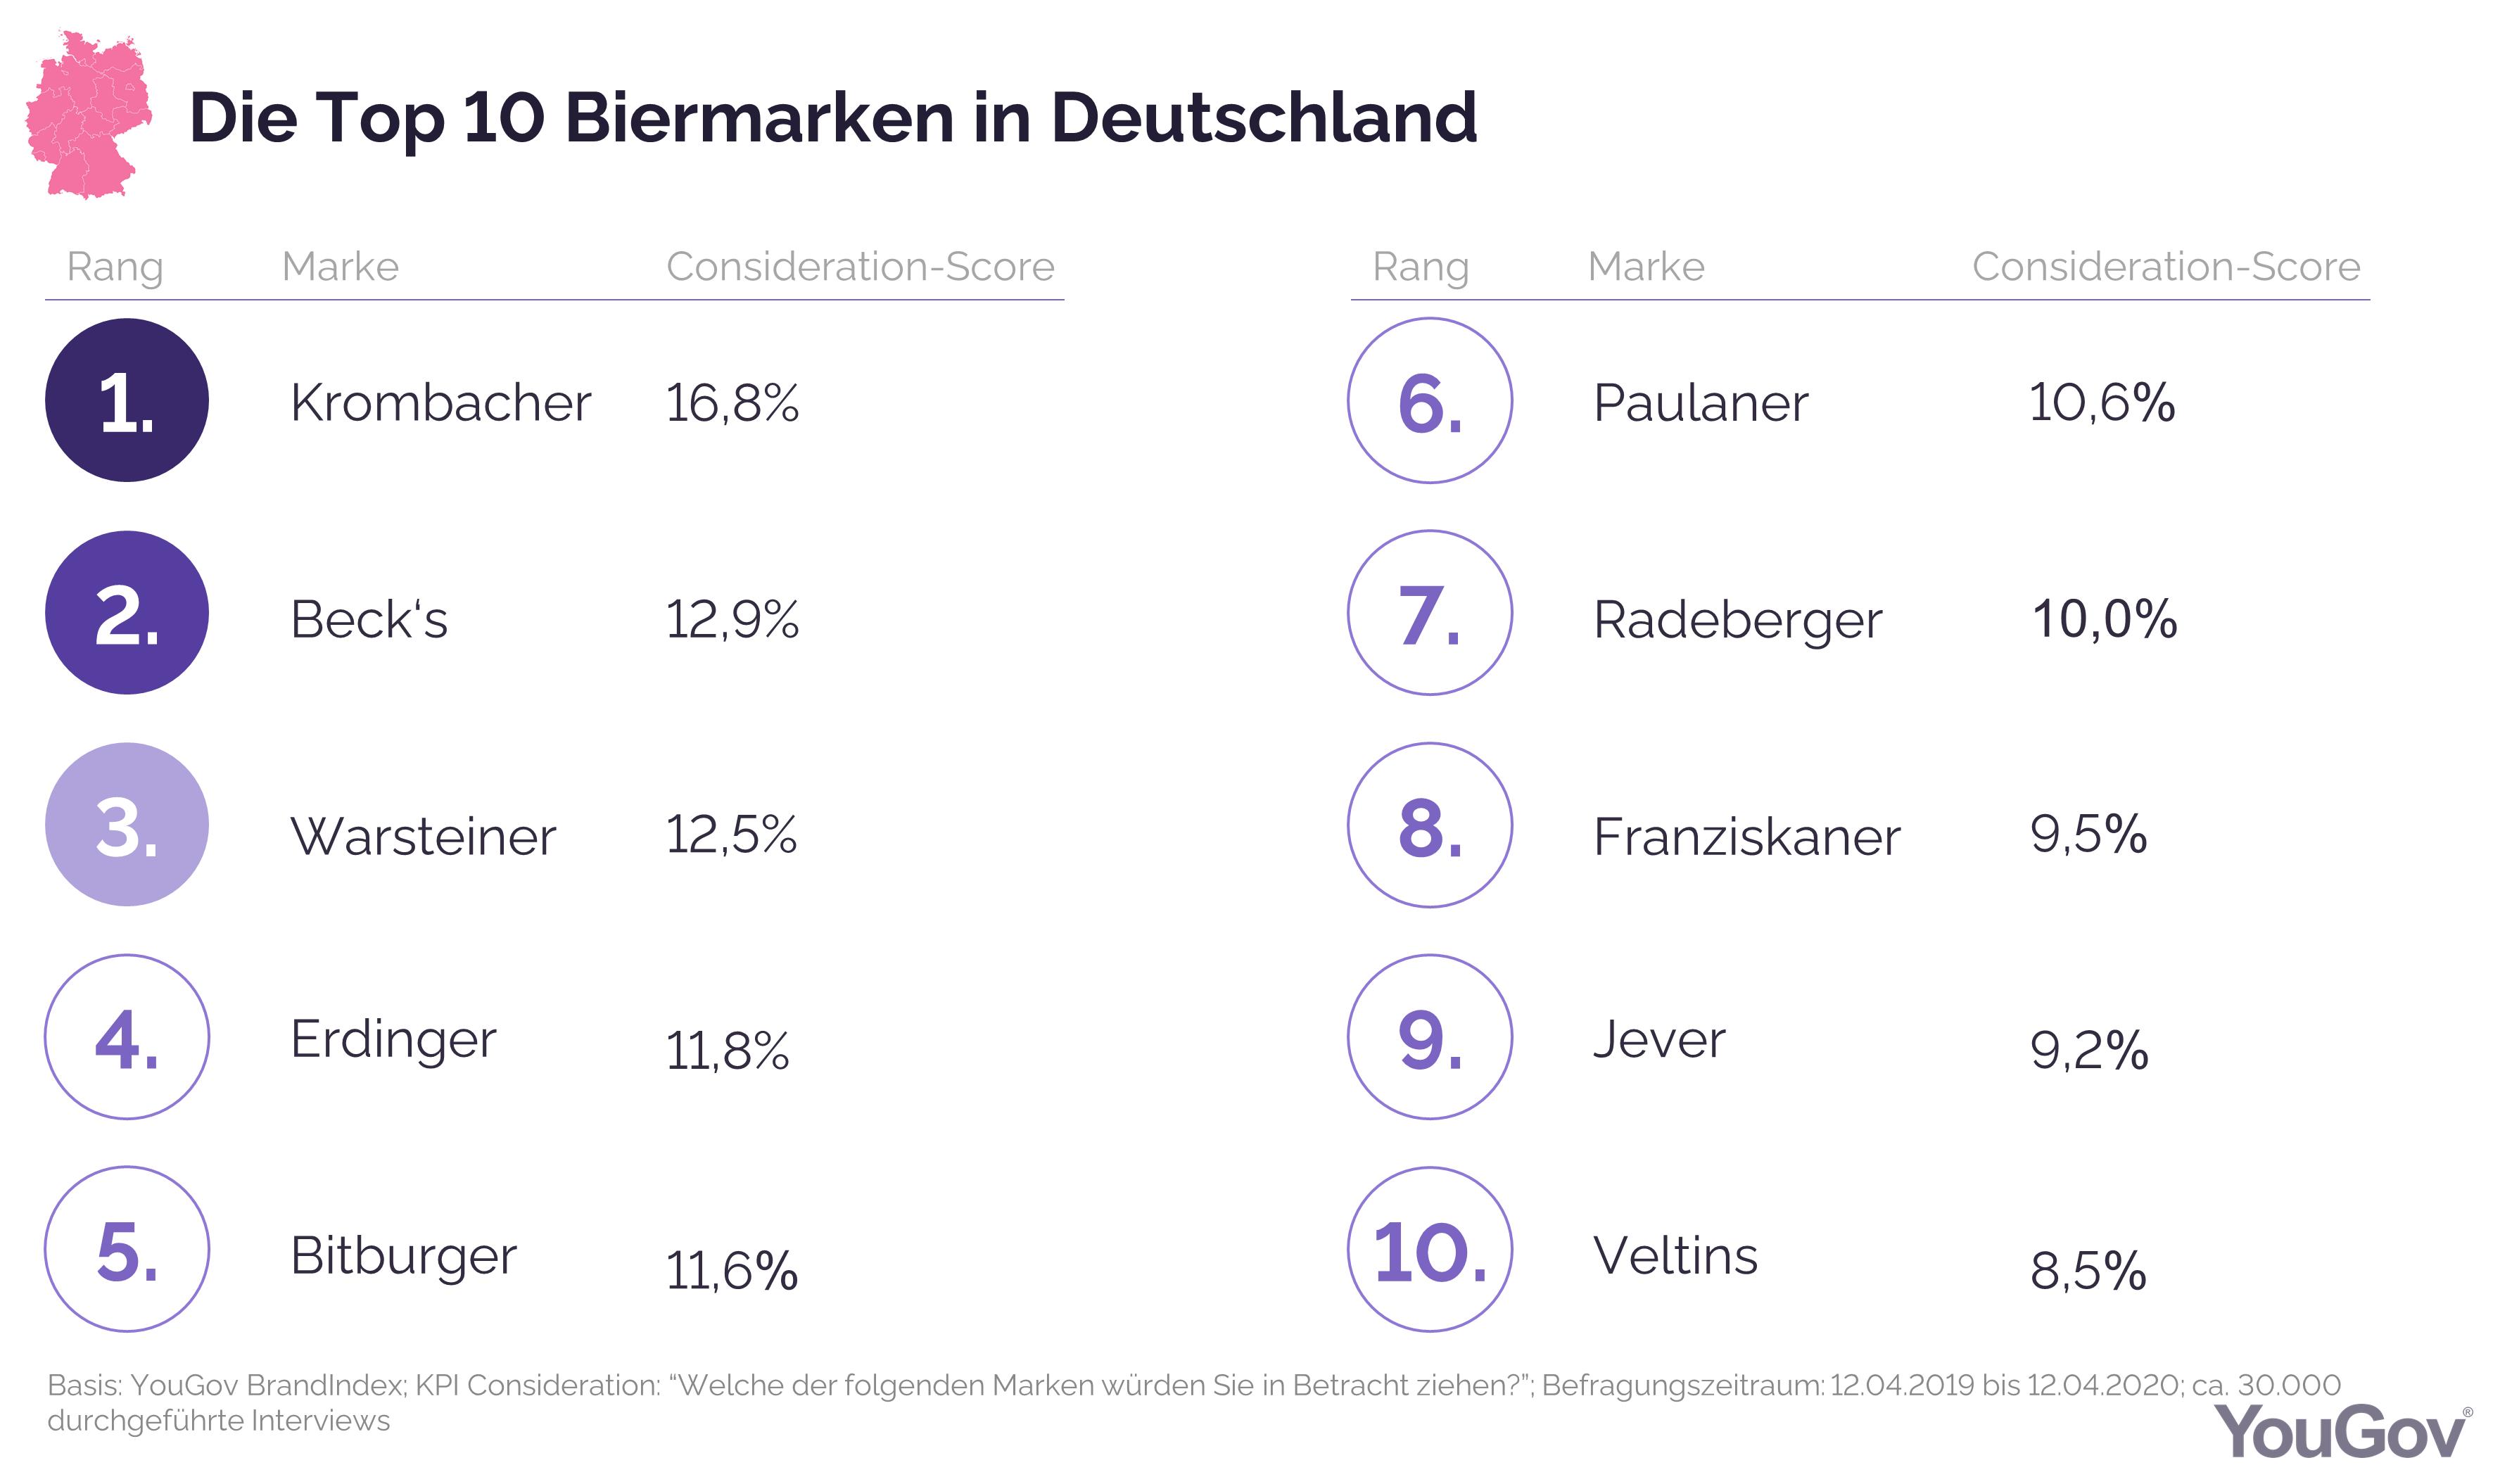 Biermarken-Ranking_2020